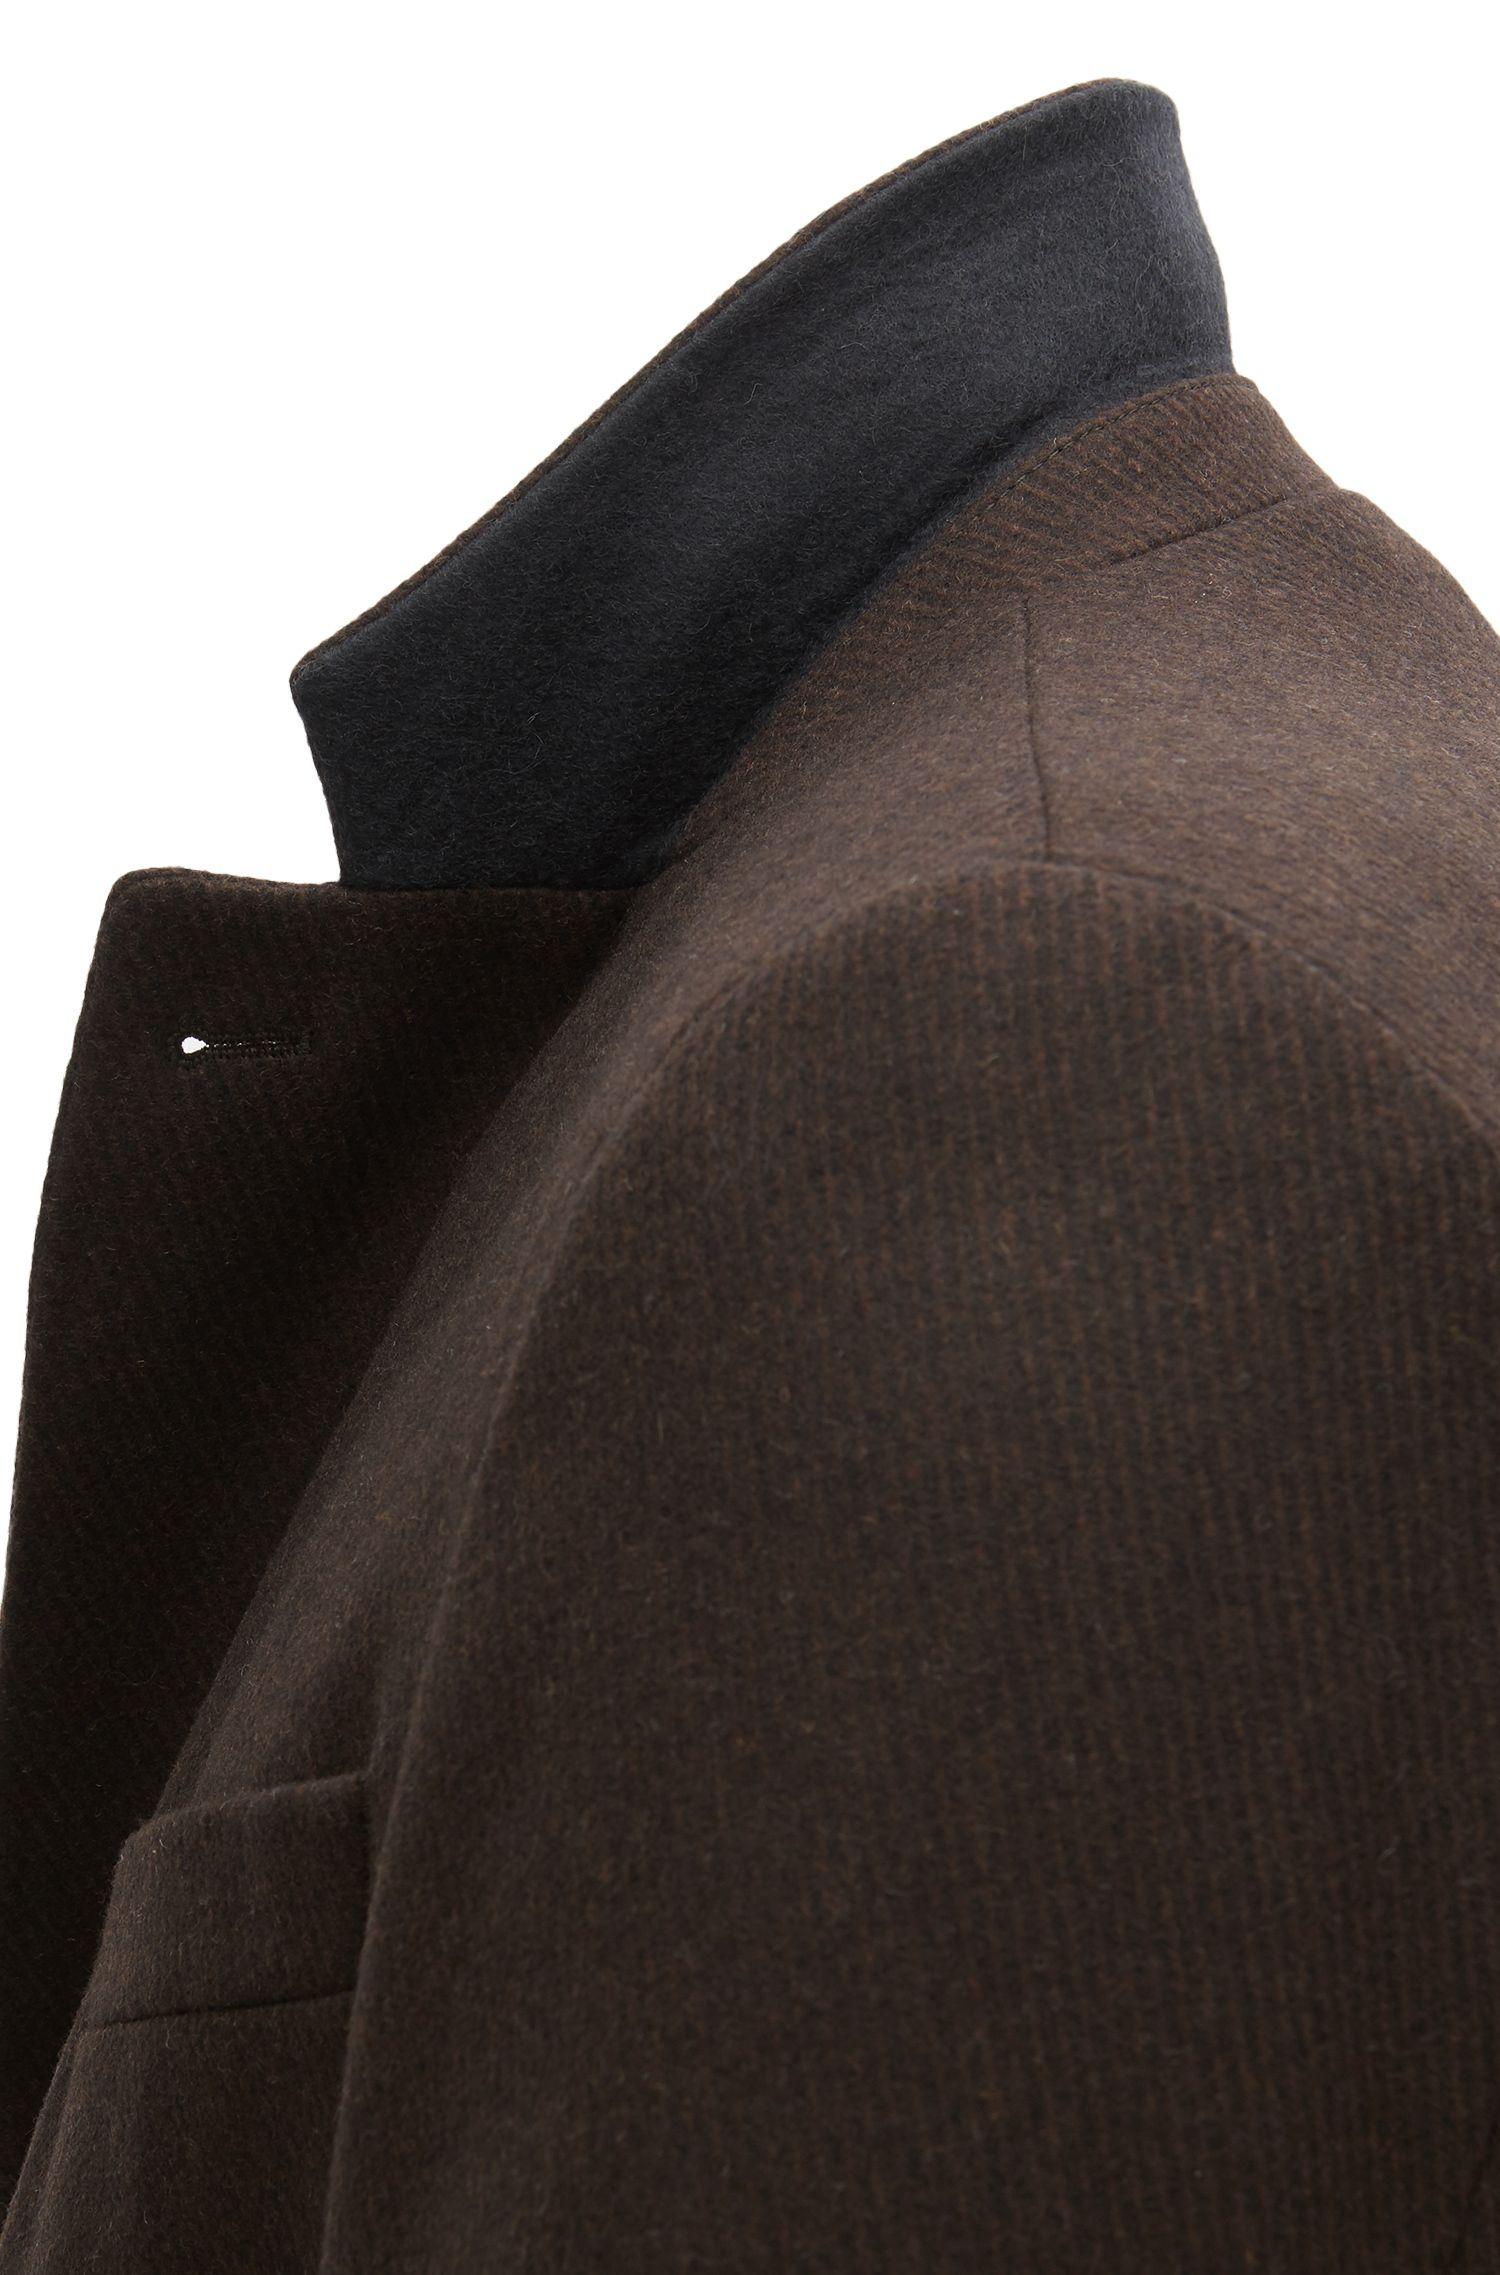 Virgin Wool Blend Topcoat | Nye